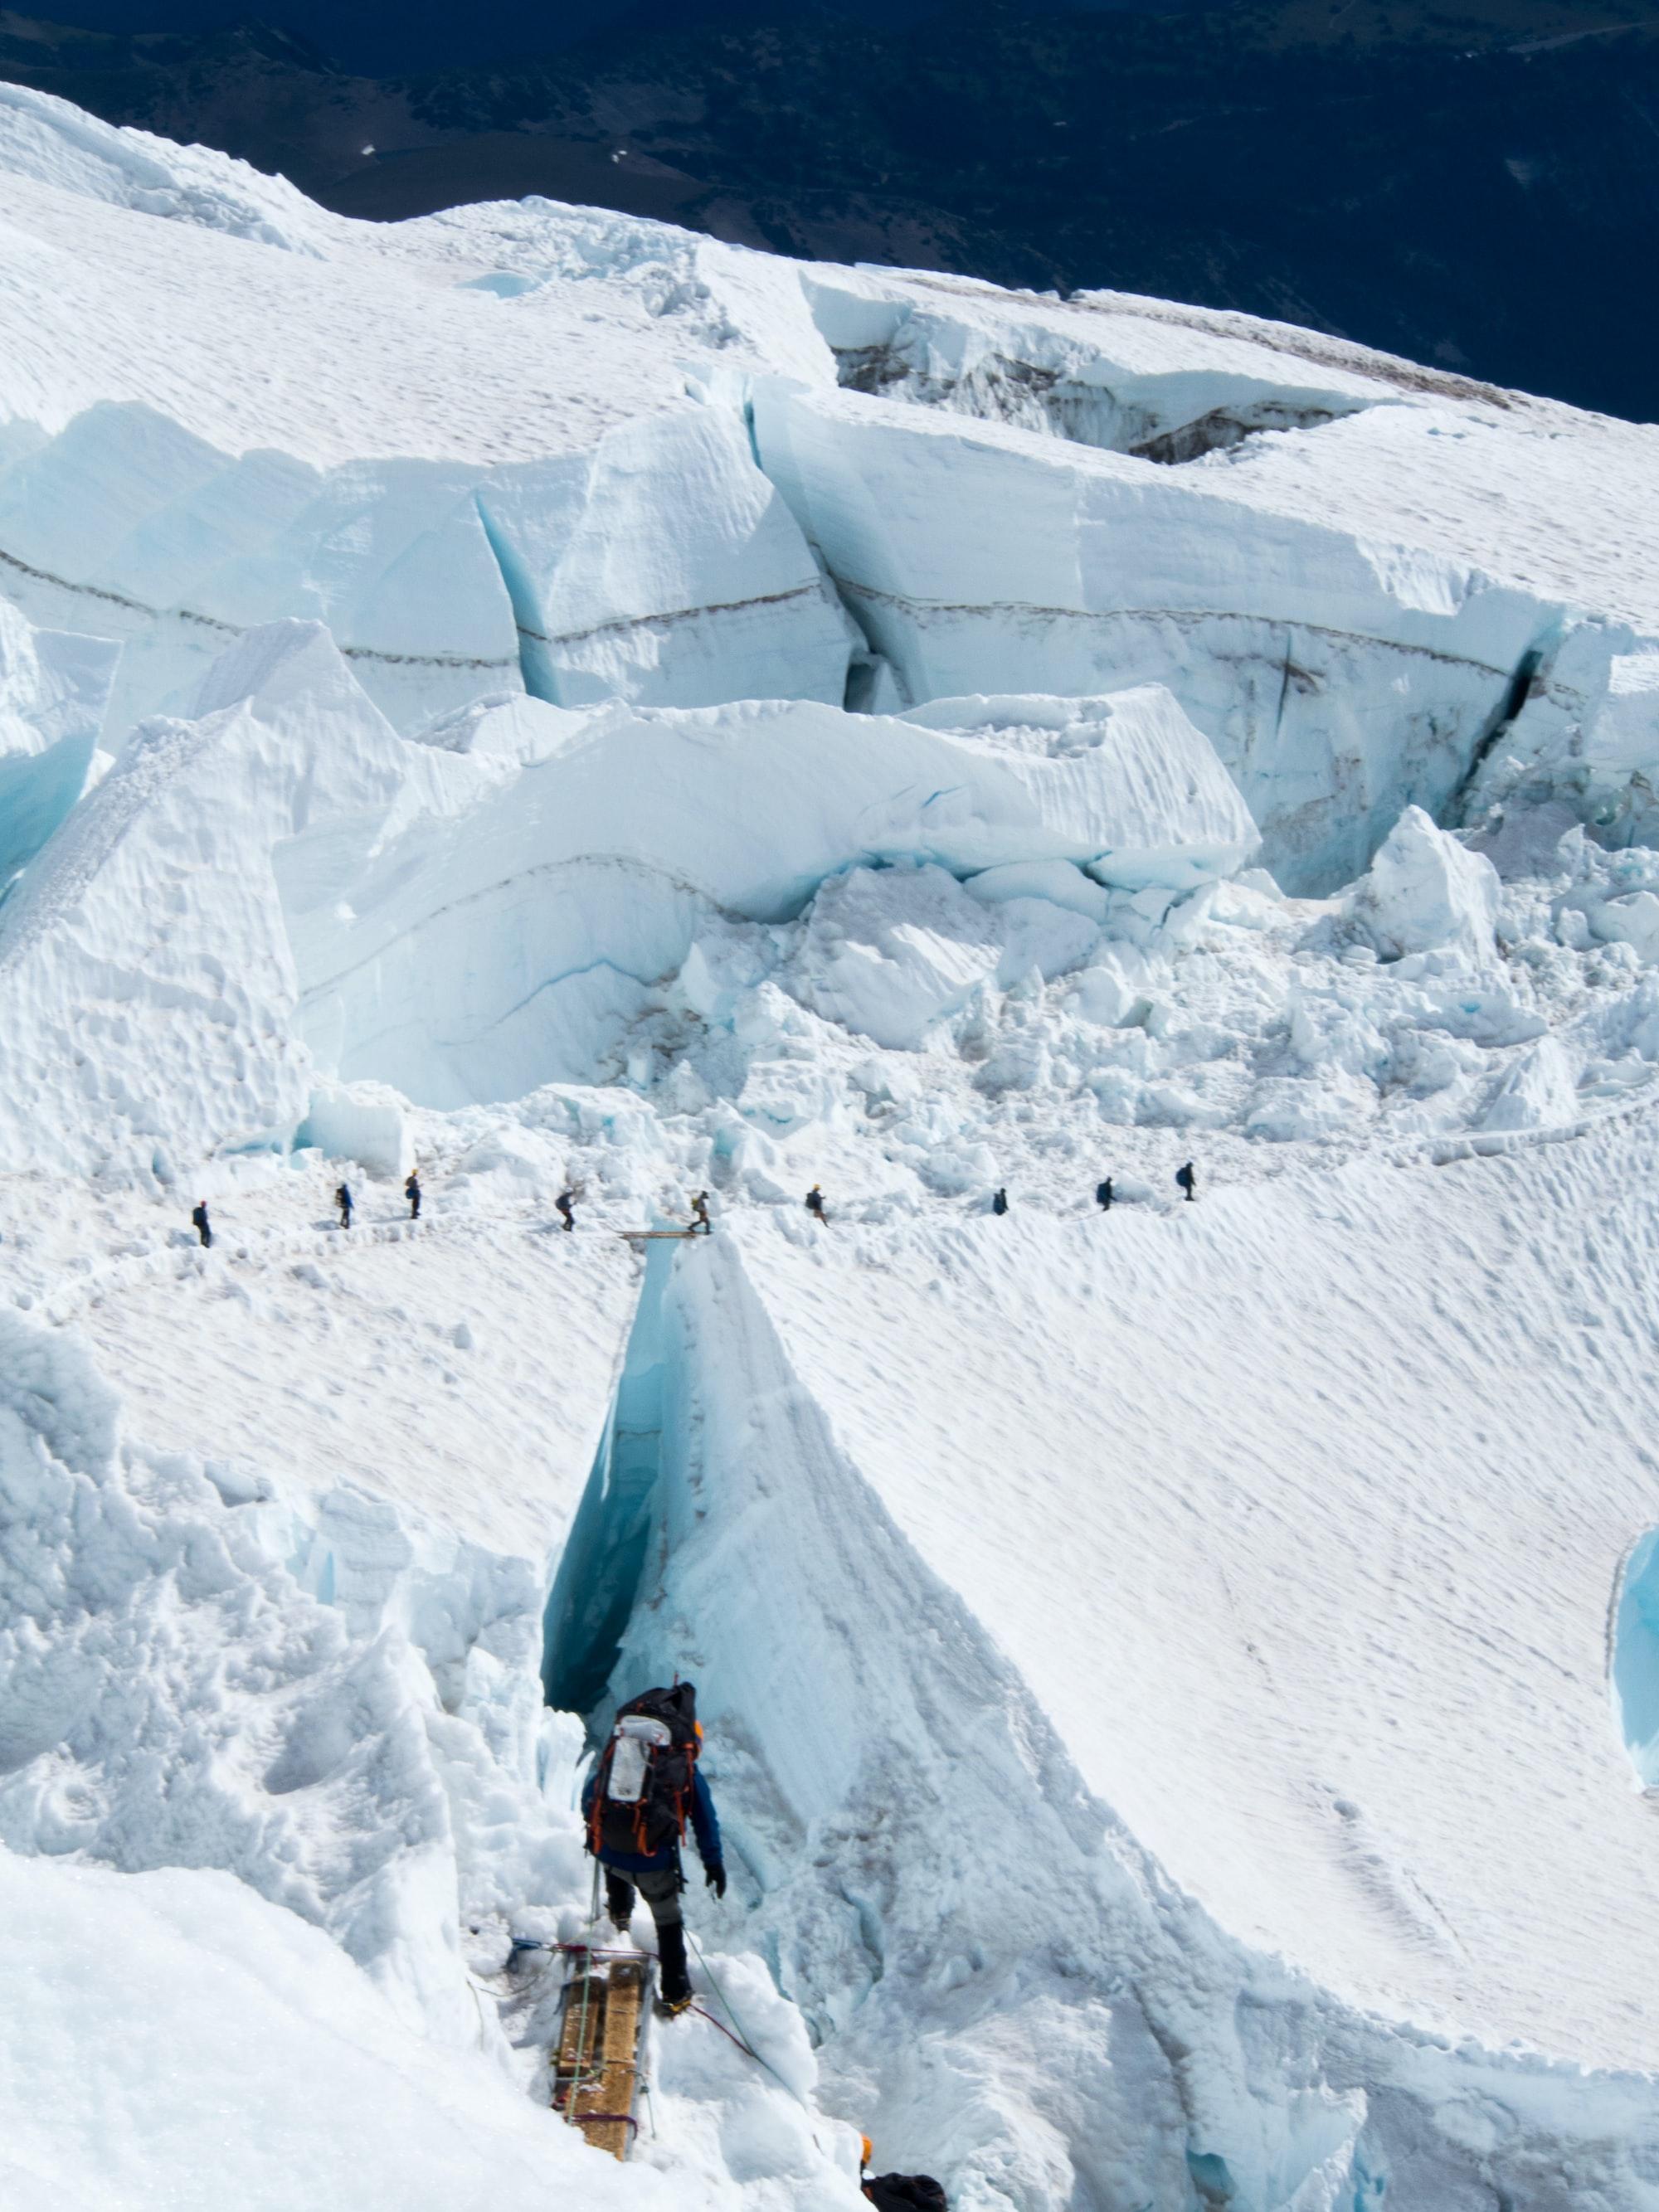 Ein Bergsteiger auf dem Mount Everest beobachtet eine Gruppe Bergsteiger, die eine Schlucht überqueren.